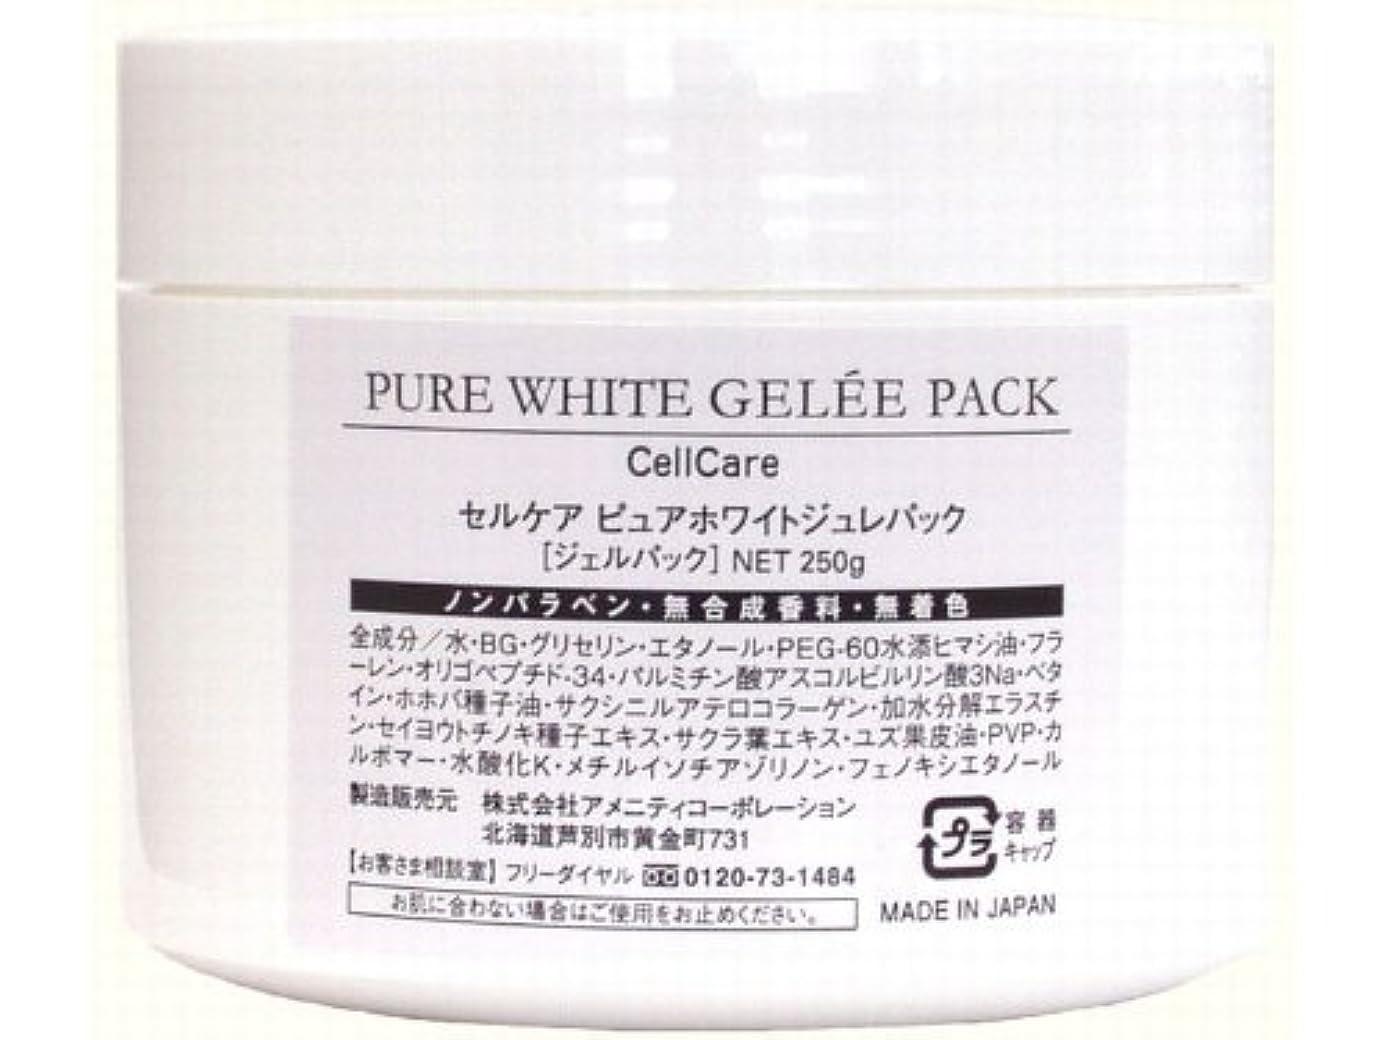 くつろぐ麦芽忠実なセルケア ピュアホワイトジュレパック 250g